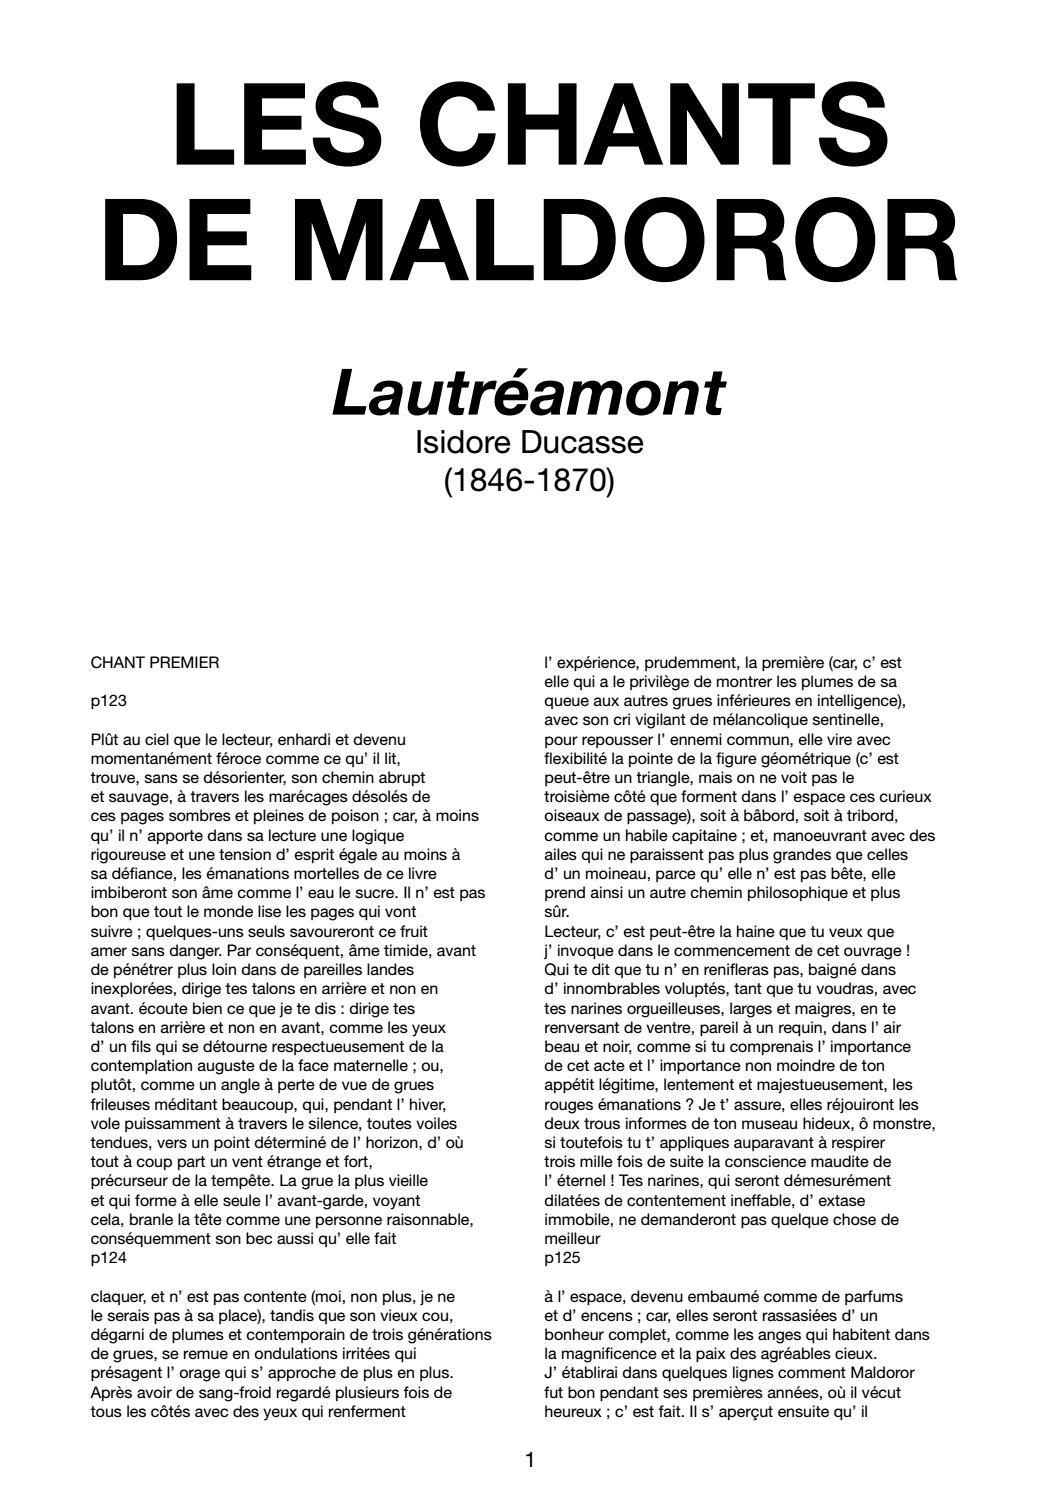 Truc Comment Anéantir Les Ronces : comment, anéantir, ronces, CHANTS, MALDOROR, Lautréamont, Isidore, Ducasse, Casserdesbriques.com, Issuu